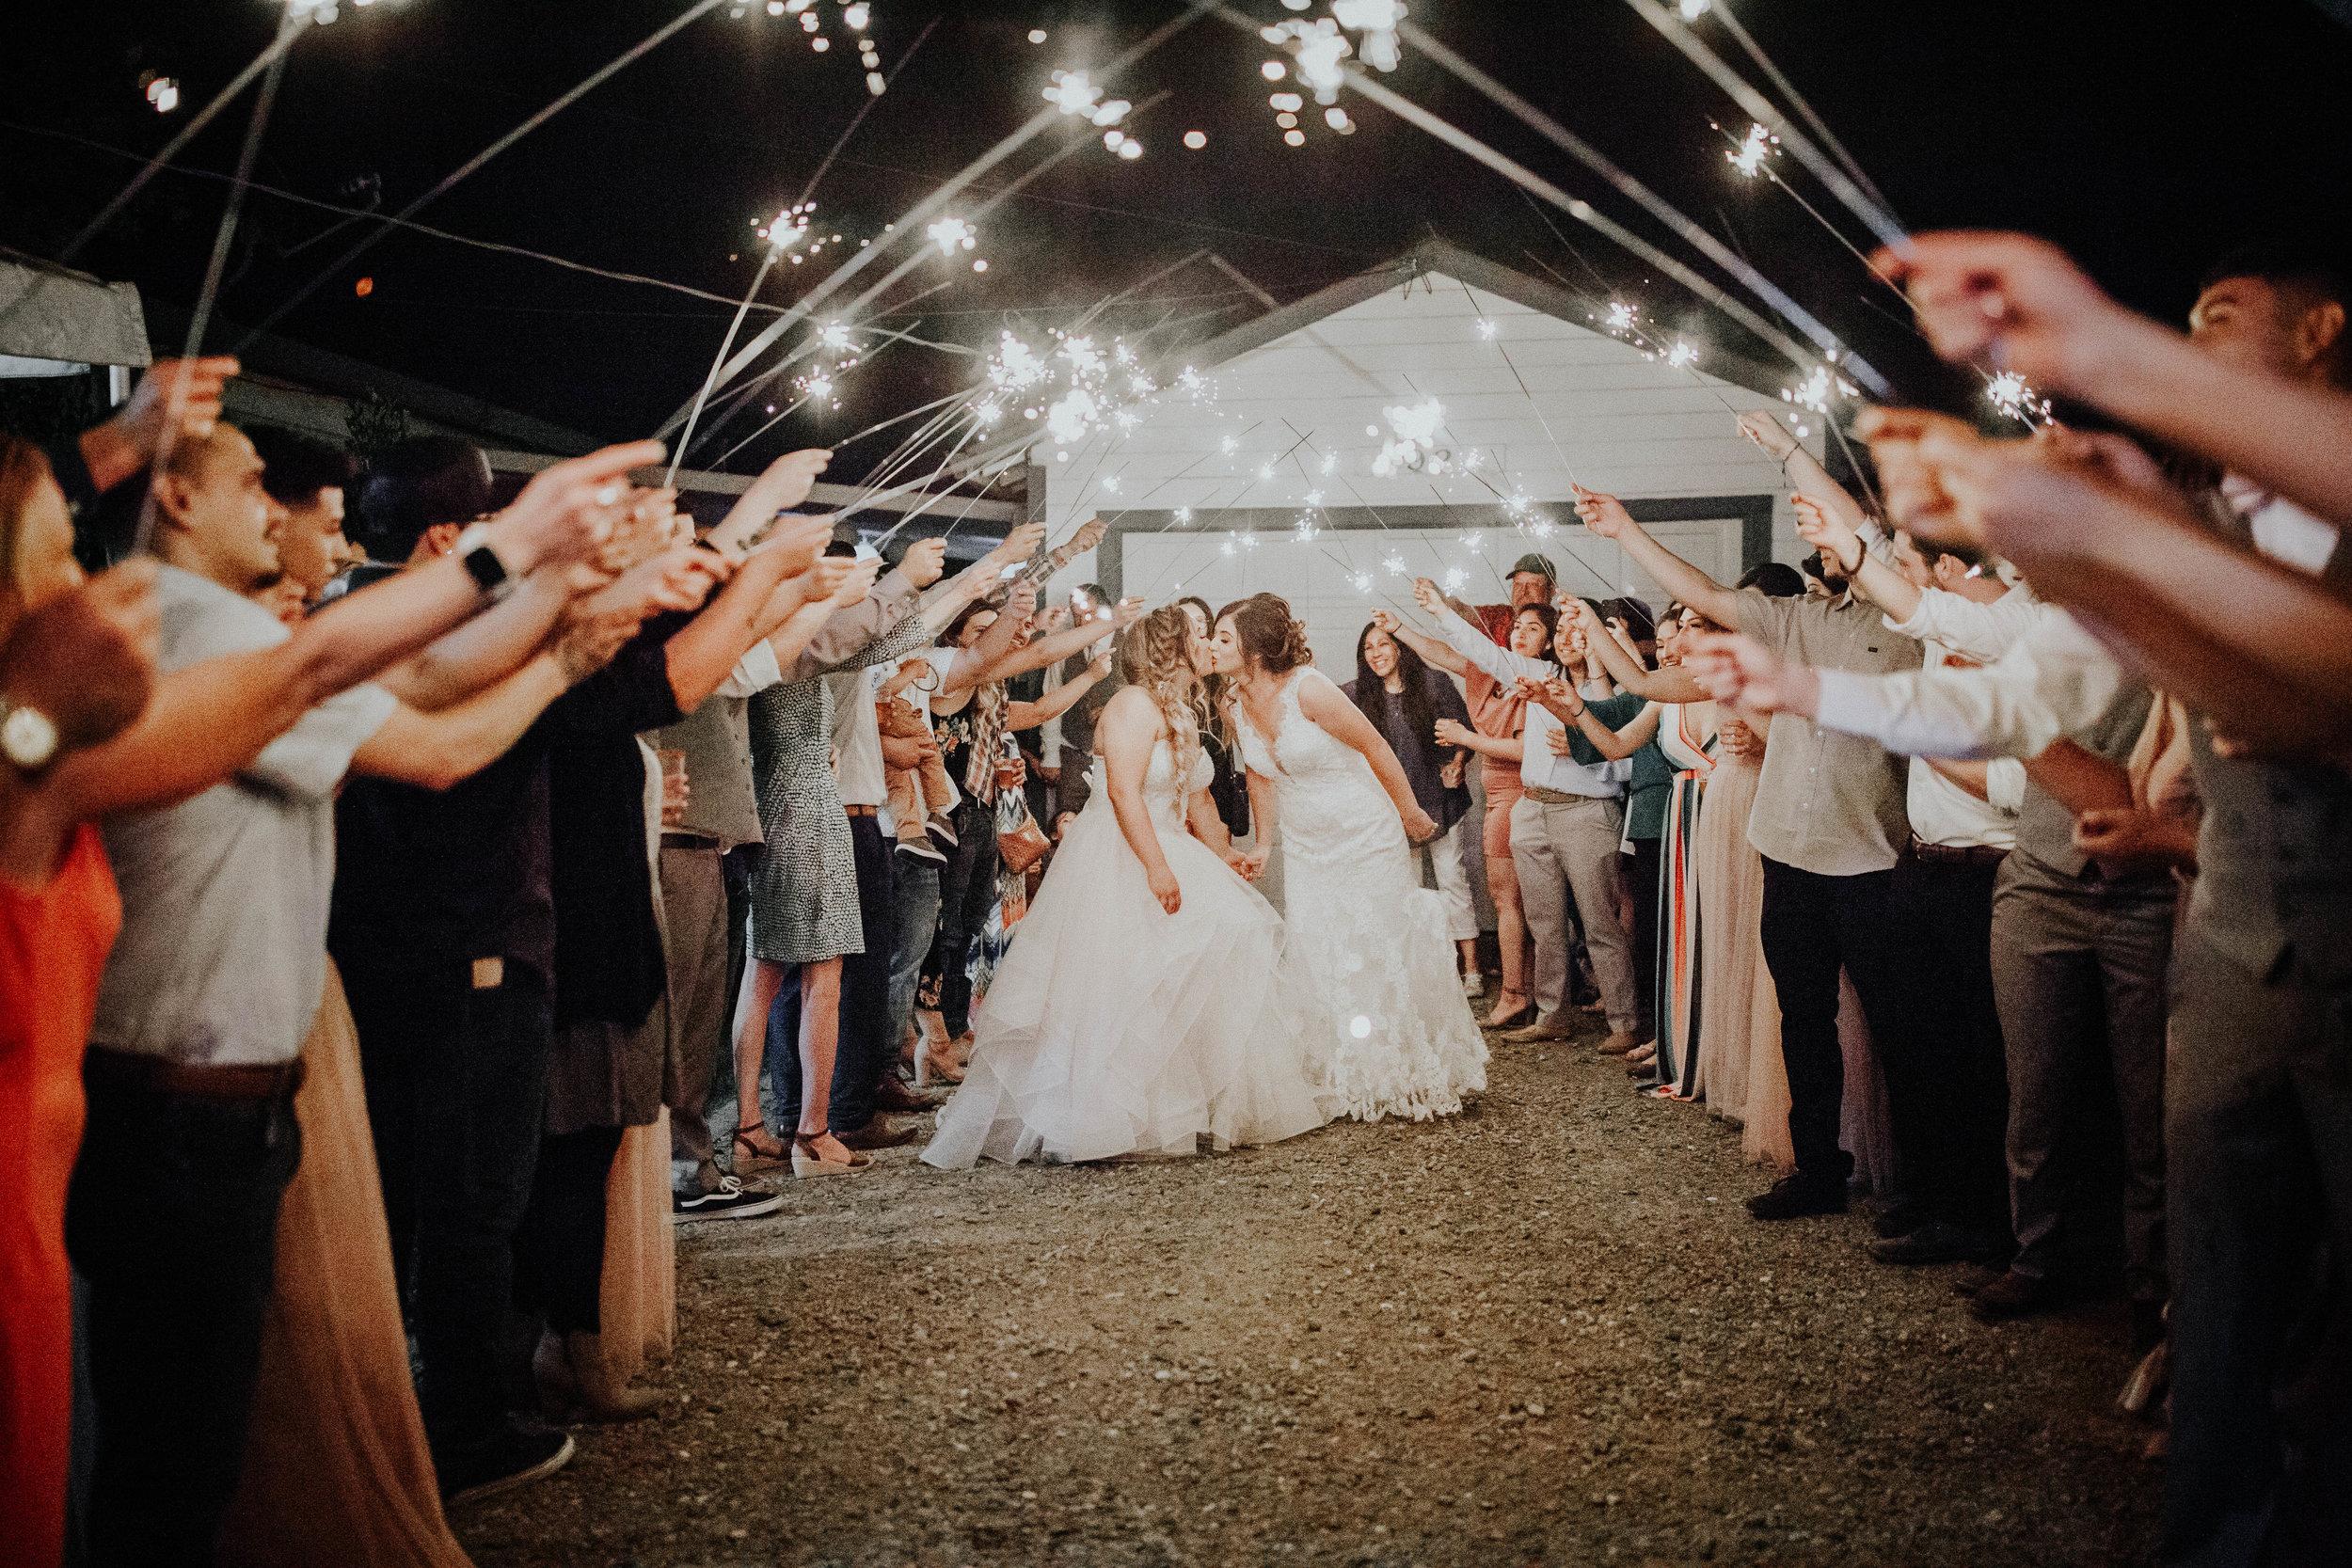 Kelsee&Yudith'sbackyardintimatewedding(589of646).jpg